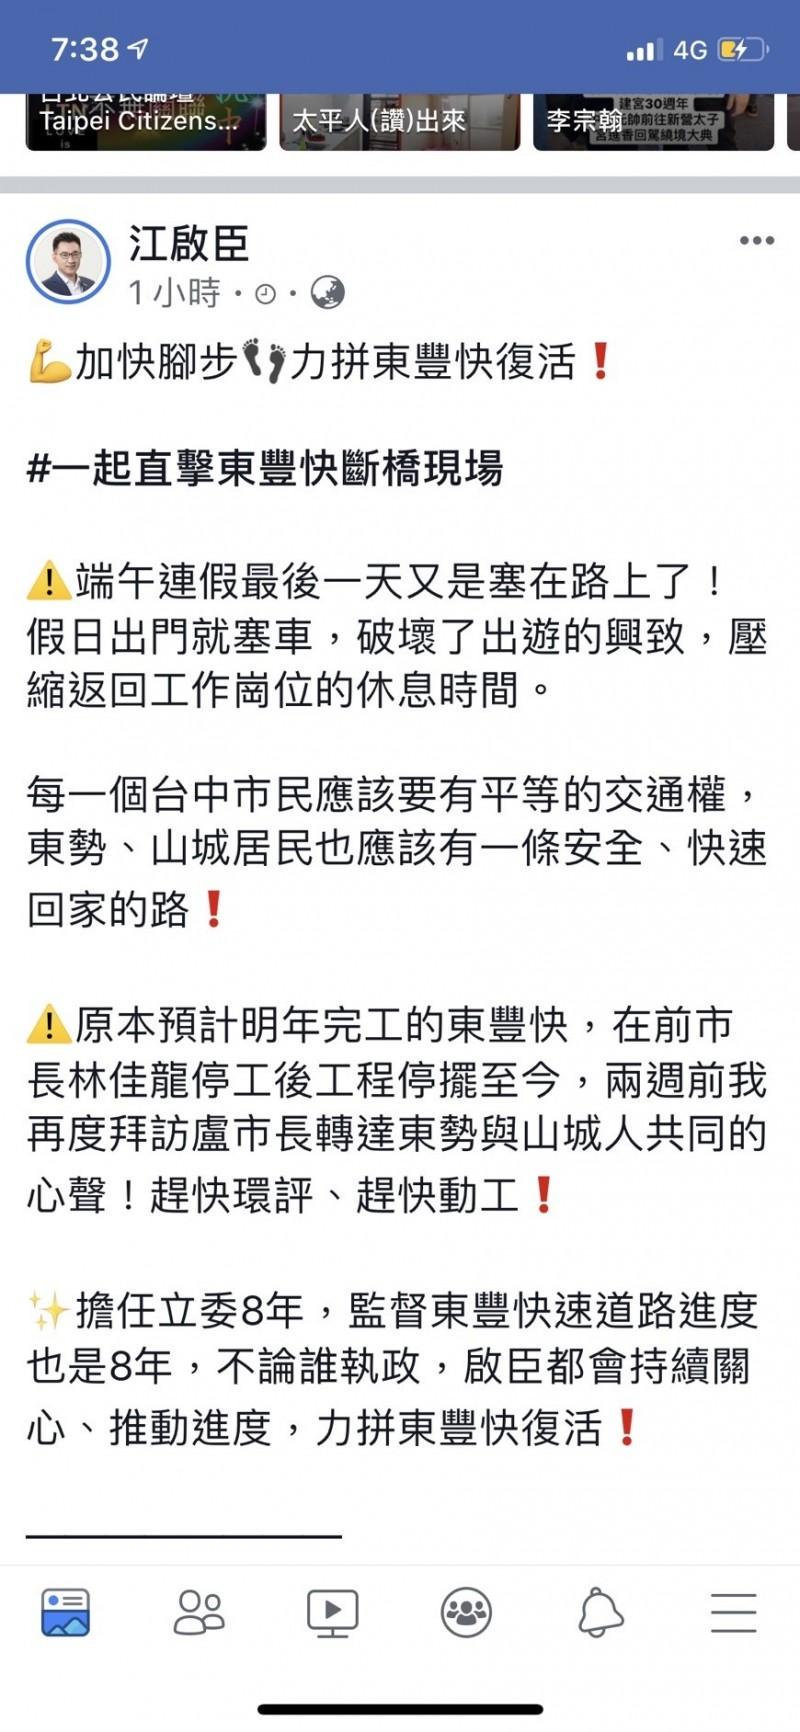 江啟臣臉書貼文力拼東豐快復活。(記者張軒哲翻攝)